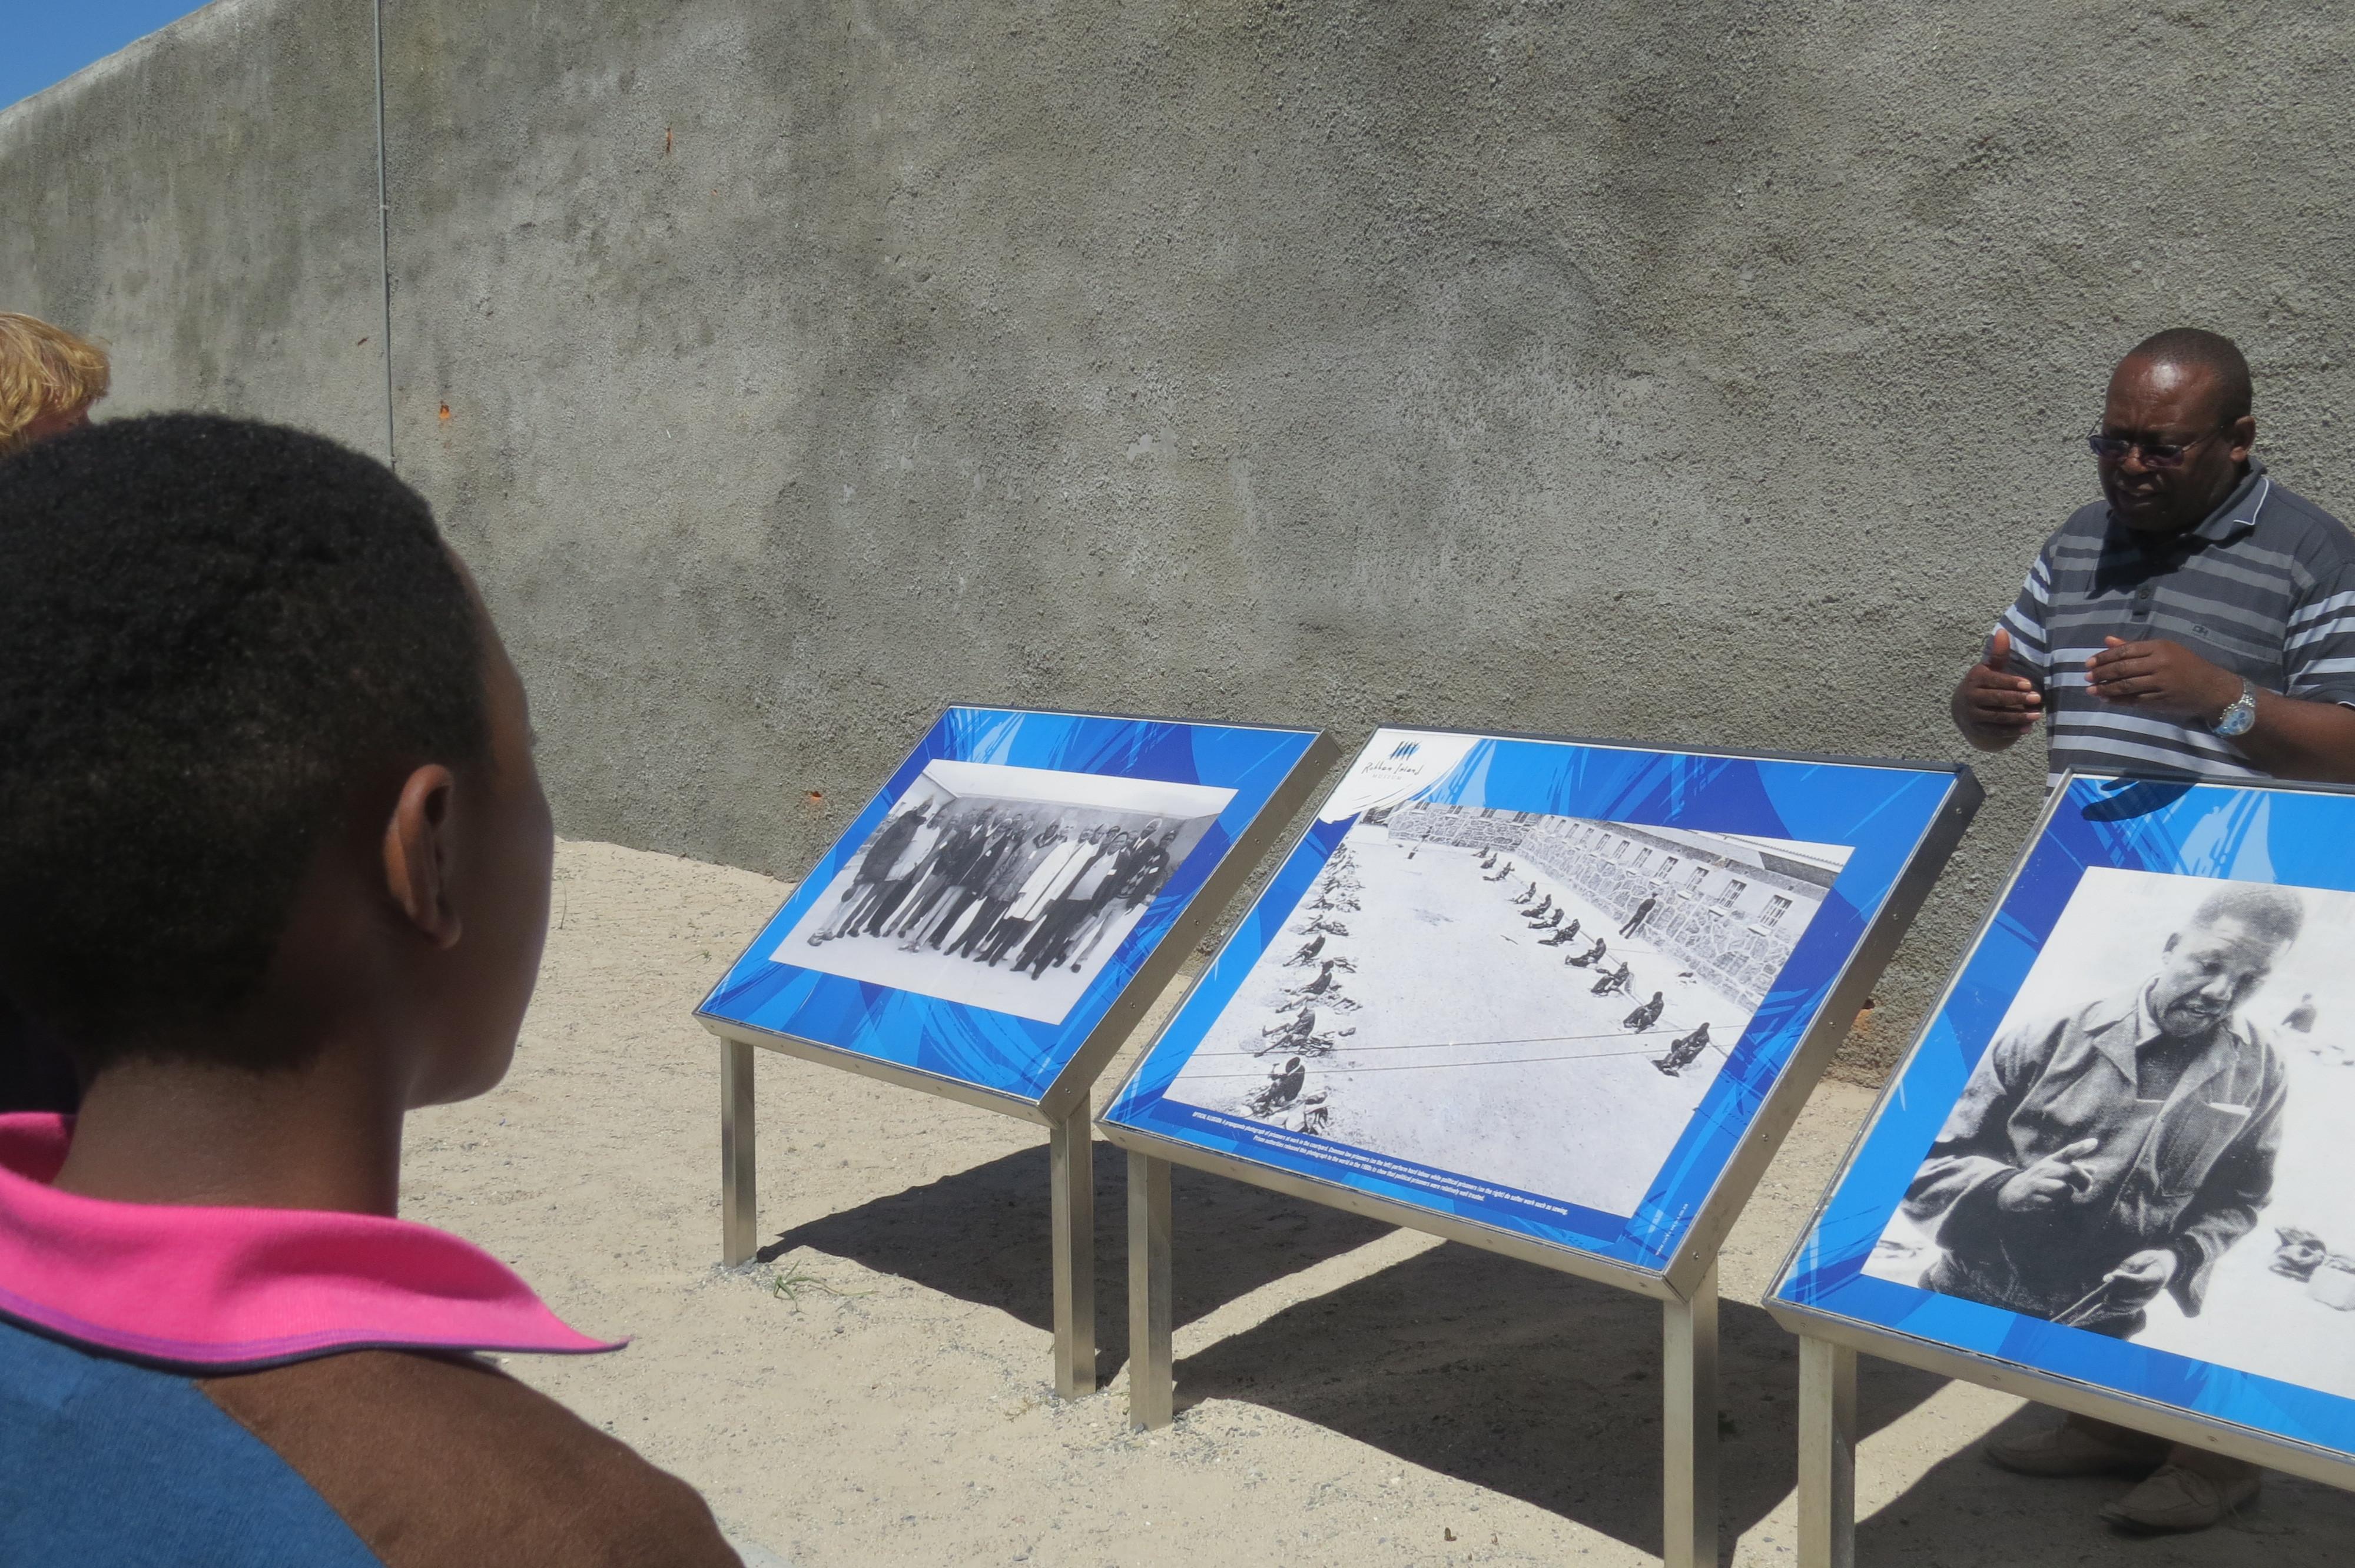 Een afrikaanse jongen luistert aandachtig naar de uitleg van een ex-gevangene